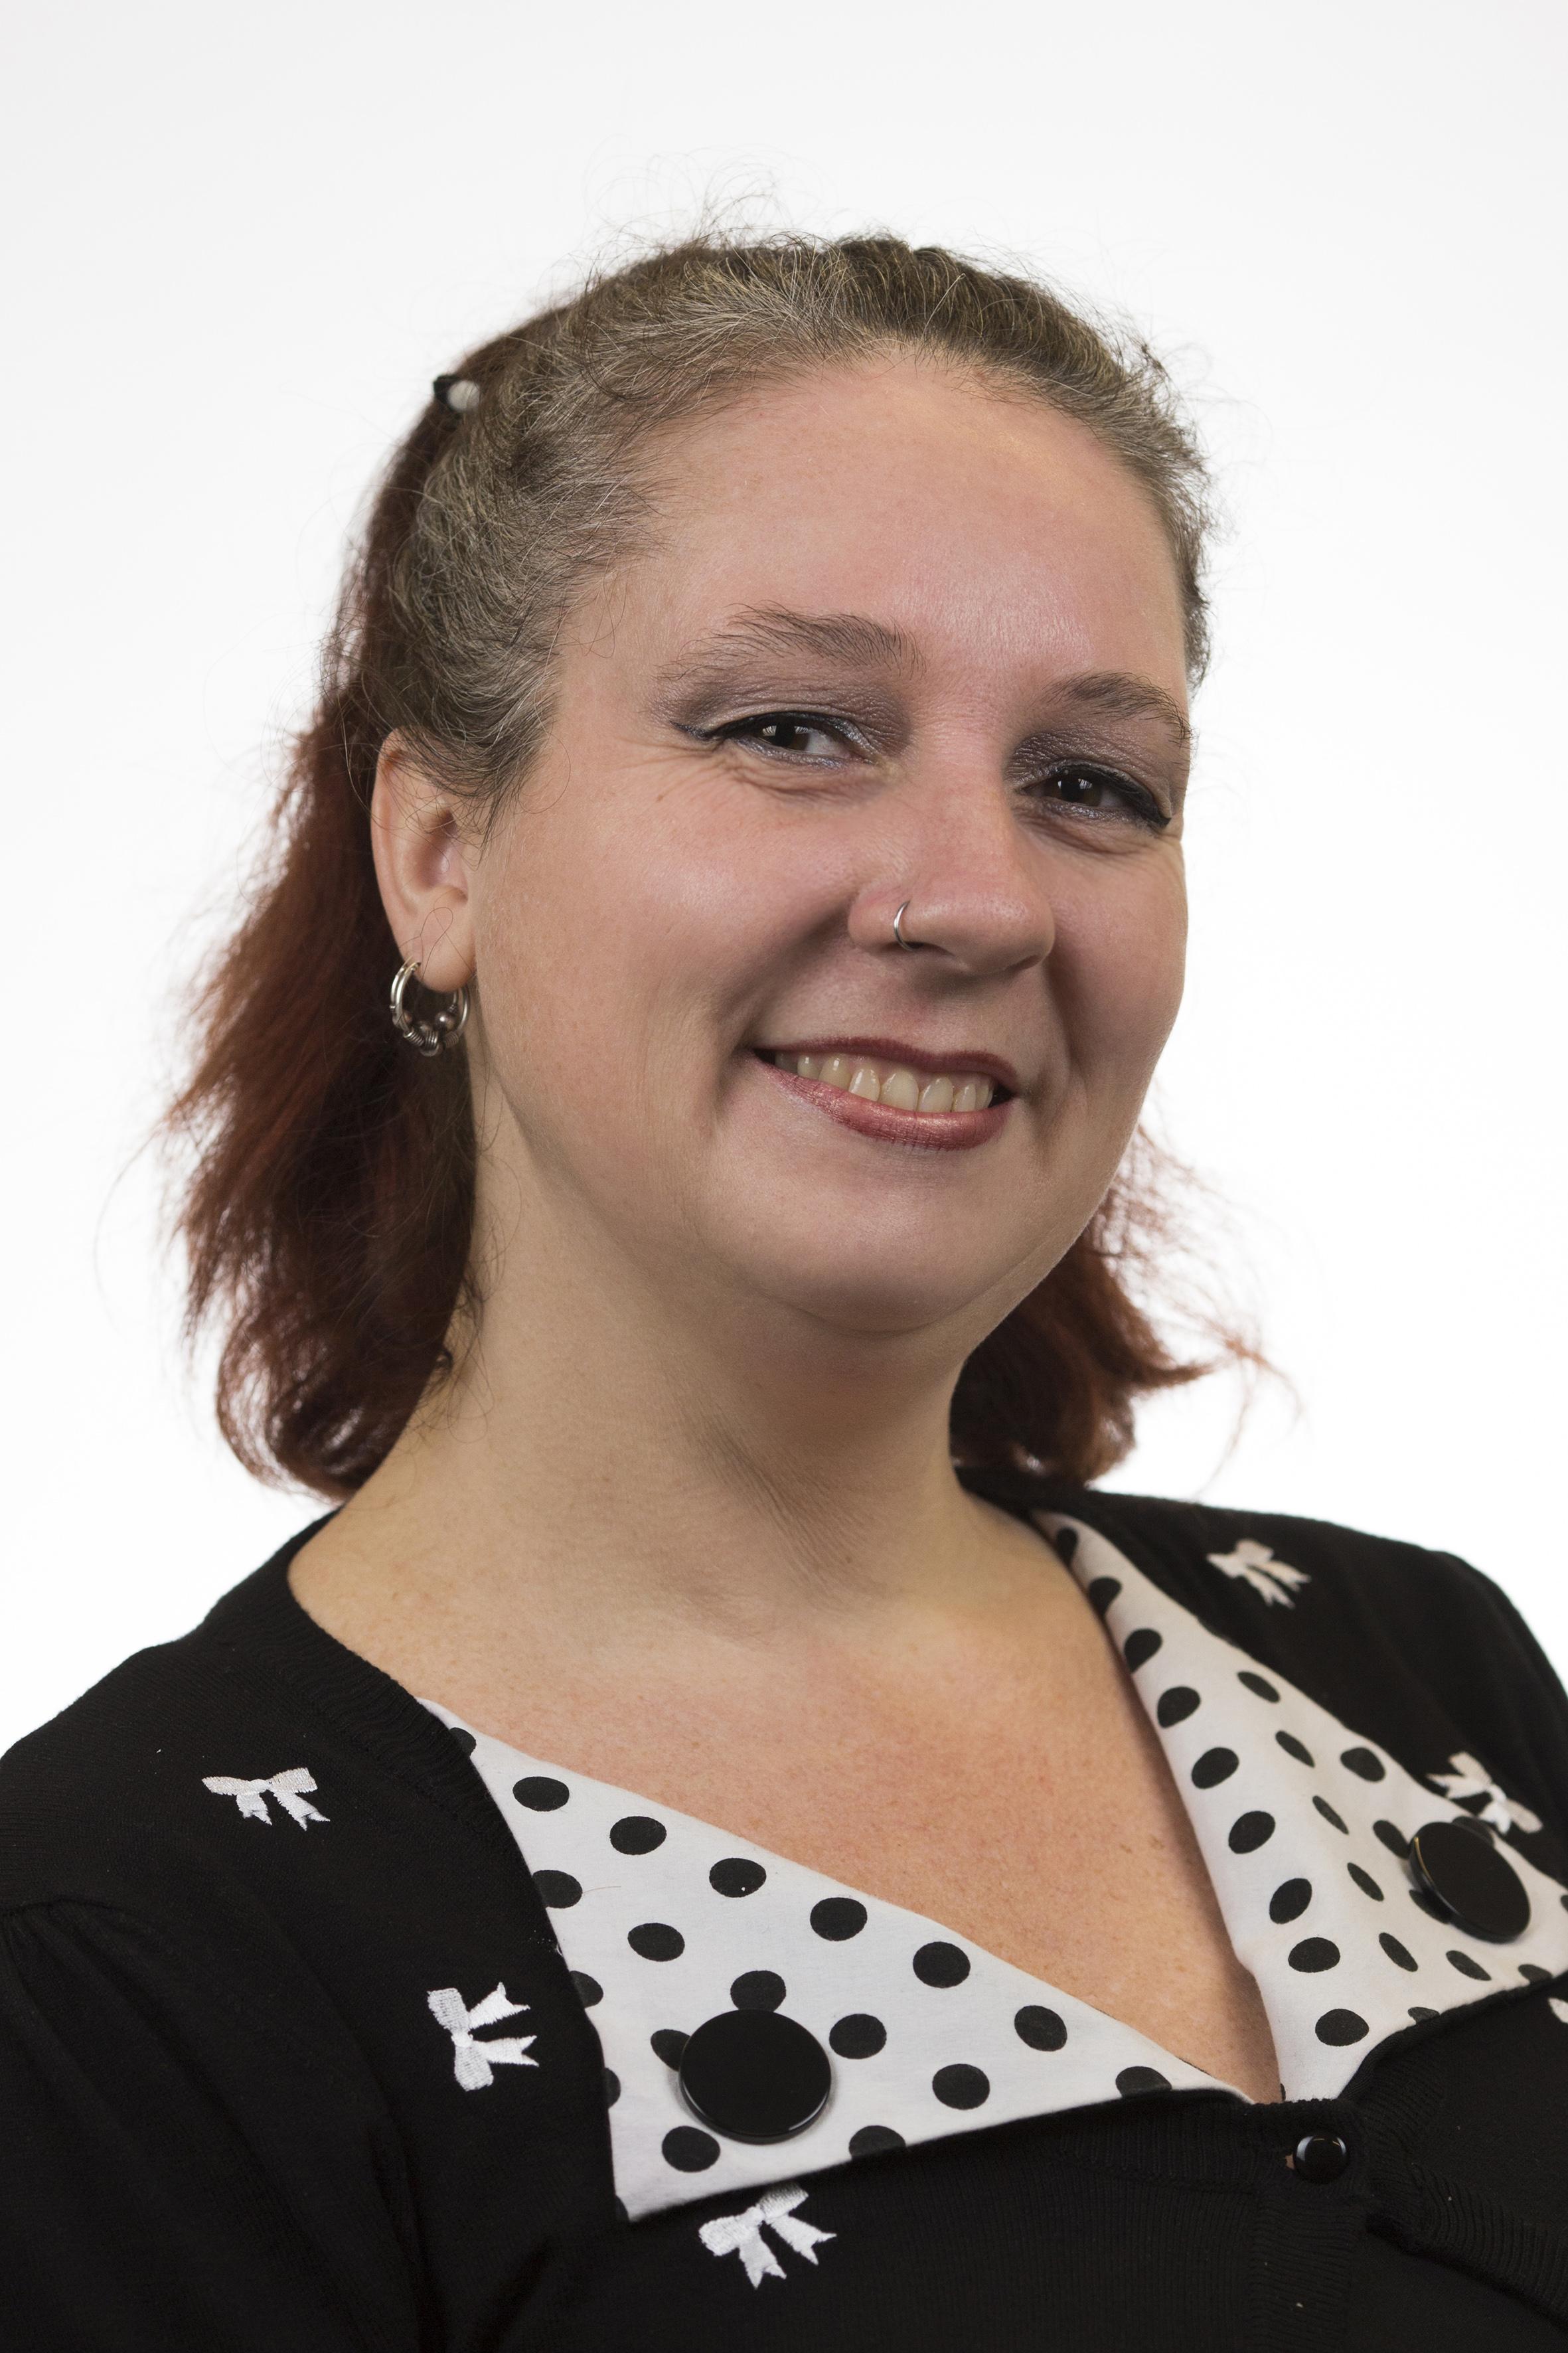 Lisa De Leeuw Knaw Research Portal